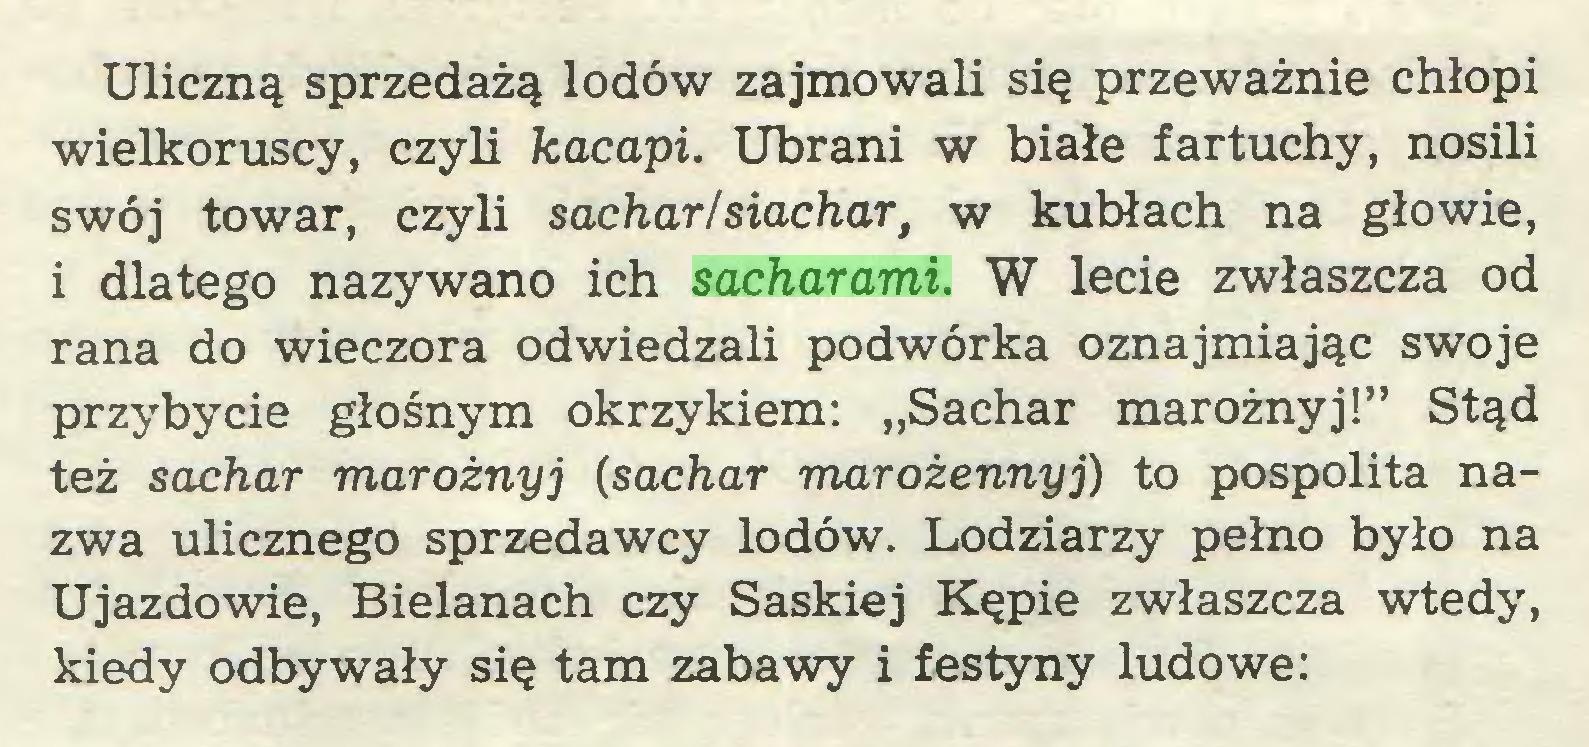 """(...) Uliczną sprzedażą lodów zajmowali się przeważnie chłopi wielkoruscy, czyli kacapi. Ubrani w białe fartuchy, nosili swój towar, czyli sacharlsiachar, w kubłach na głowie, i dlatego nazywano ich sacharami. W lecie zwłaszcza od rana do wieczora odwiedzali podwórka oznajmiając swoje przybycie głośnym okrzykiem: """"Sachar marożnyj!"""" Stąd też sachar marożnyj (sachar marożennyj) to pospolita nazwa ulicznego sprzedawcy lodów. Lodziarzy pełno było na Ujazdowie, Bielanach czy Saskiej Kępie zwłaszcza wtedy, kiedy odbywały się tam zabawy i festyny ludowe:..."""